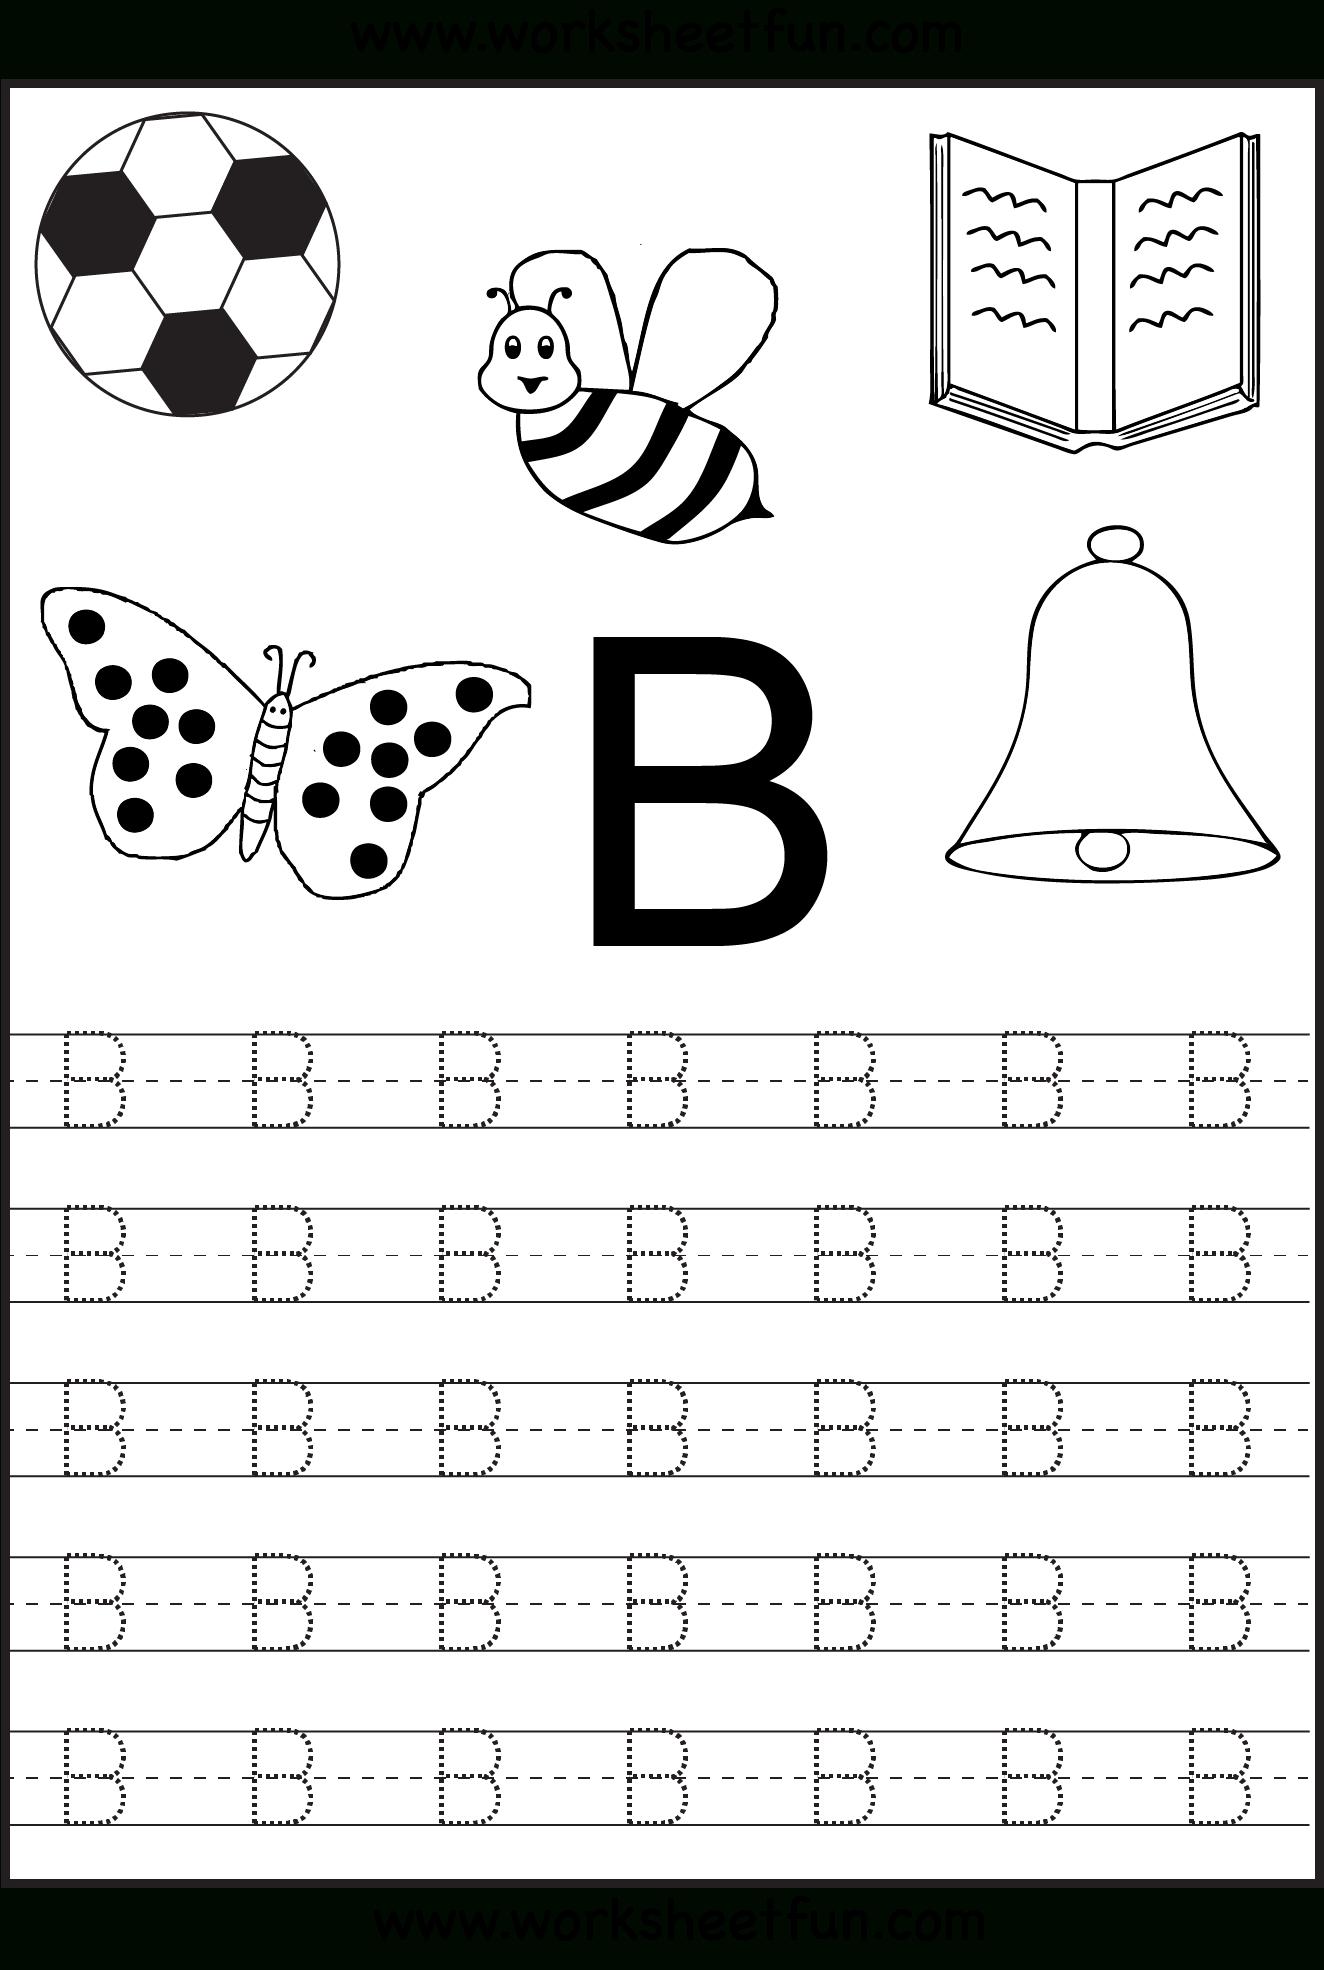 Free Printable Letter Tracing Worksheets For Kindergarten – 26 - Free Printable Alphabet Worksheets For Kindergarten